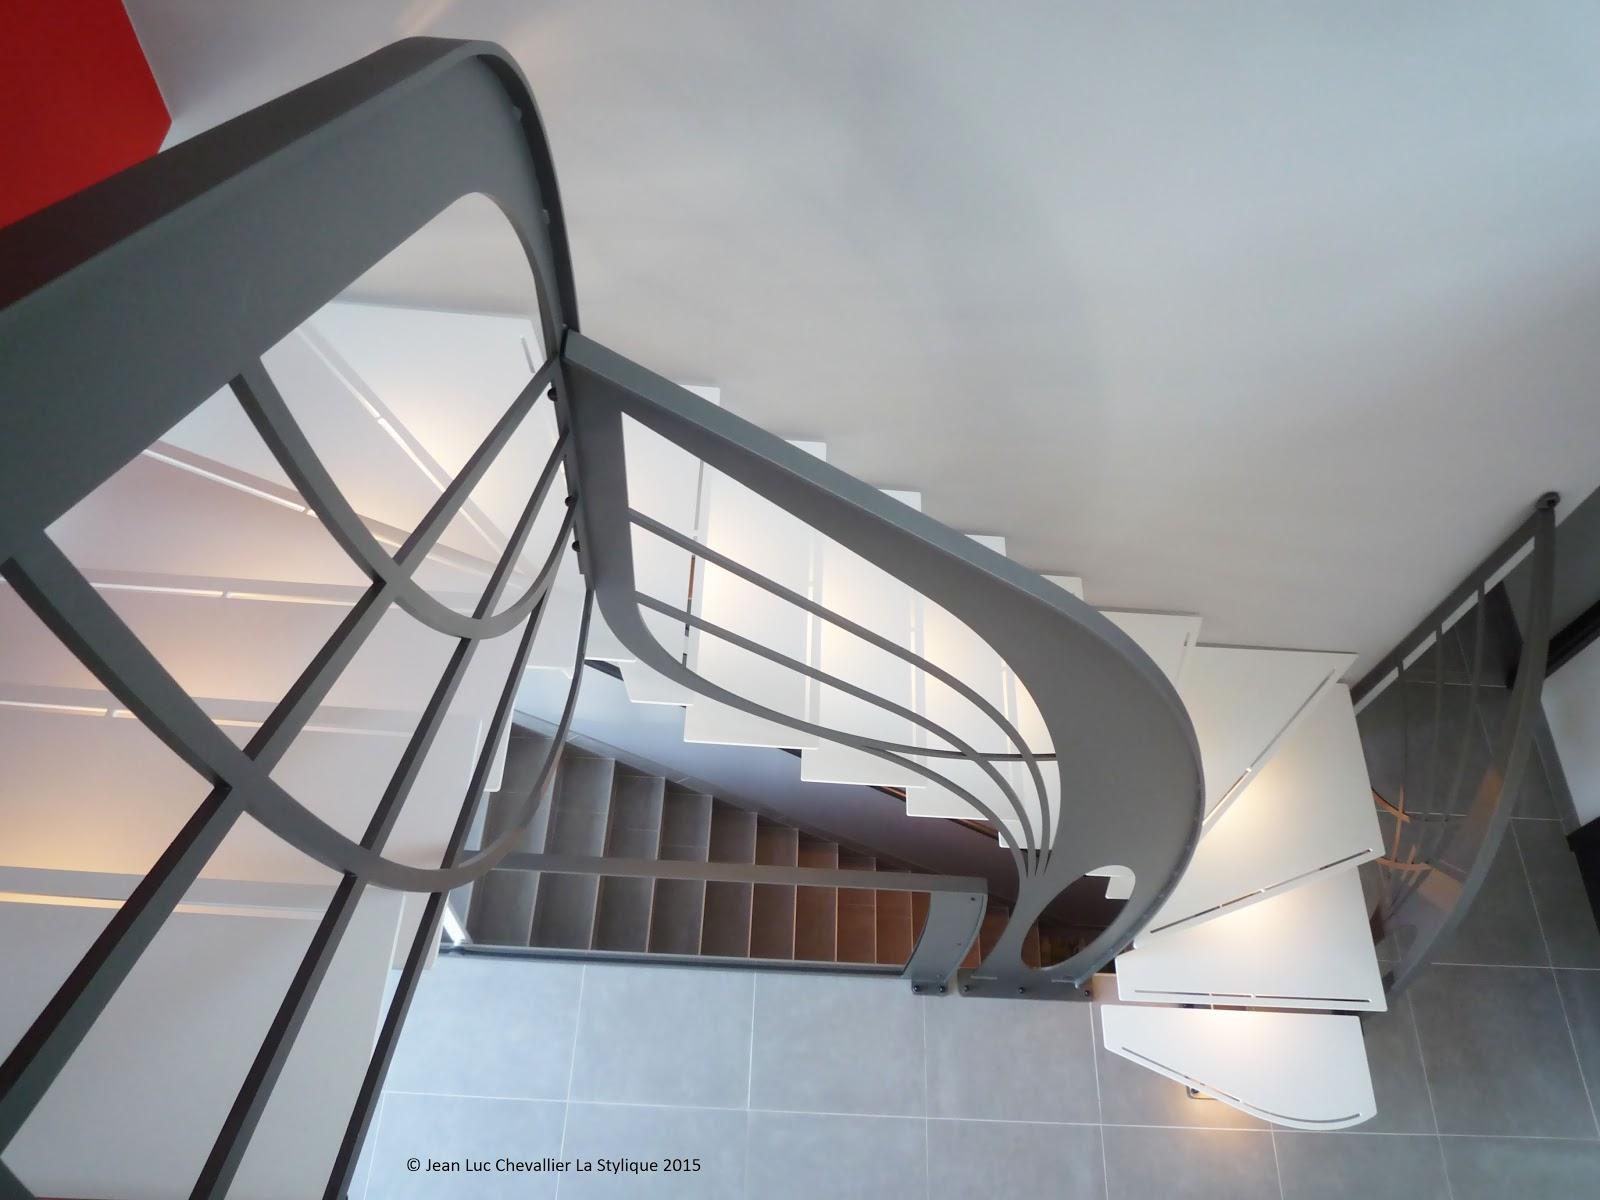 La stylique escalier double quart tournant sculpture - Escalier double quart tournant ...